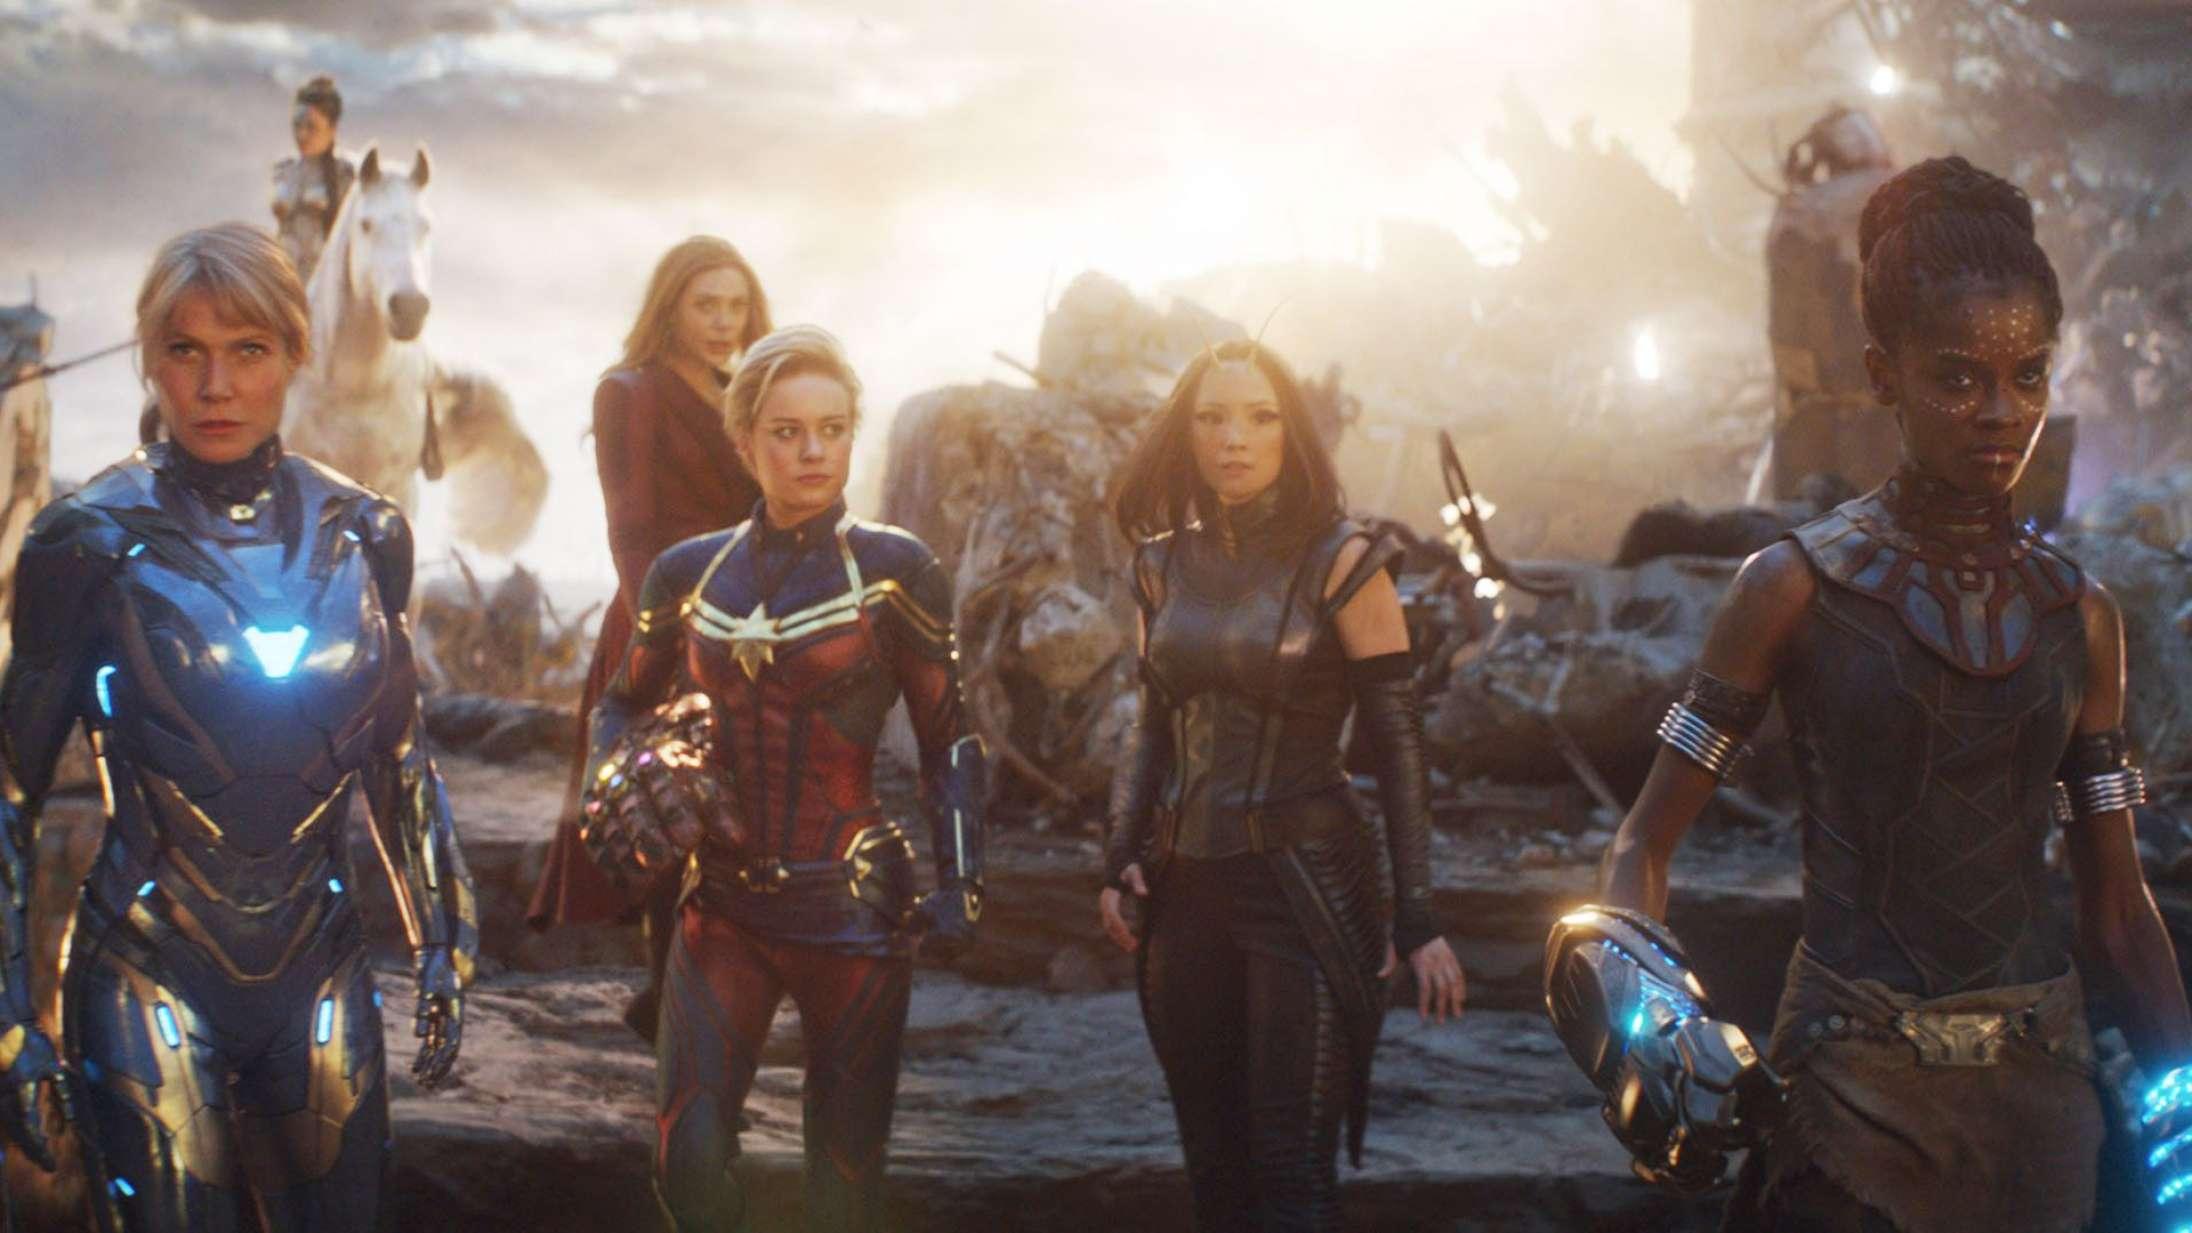 Kvindelig 'Avengers'-film på vej? »Kun et spørgsmål om tid« ifølge 'Black Panther'-stjerne